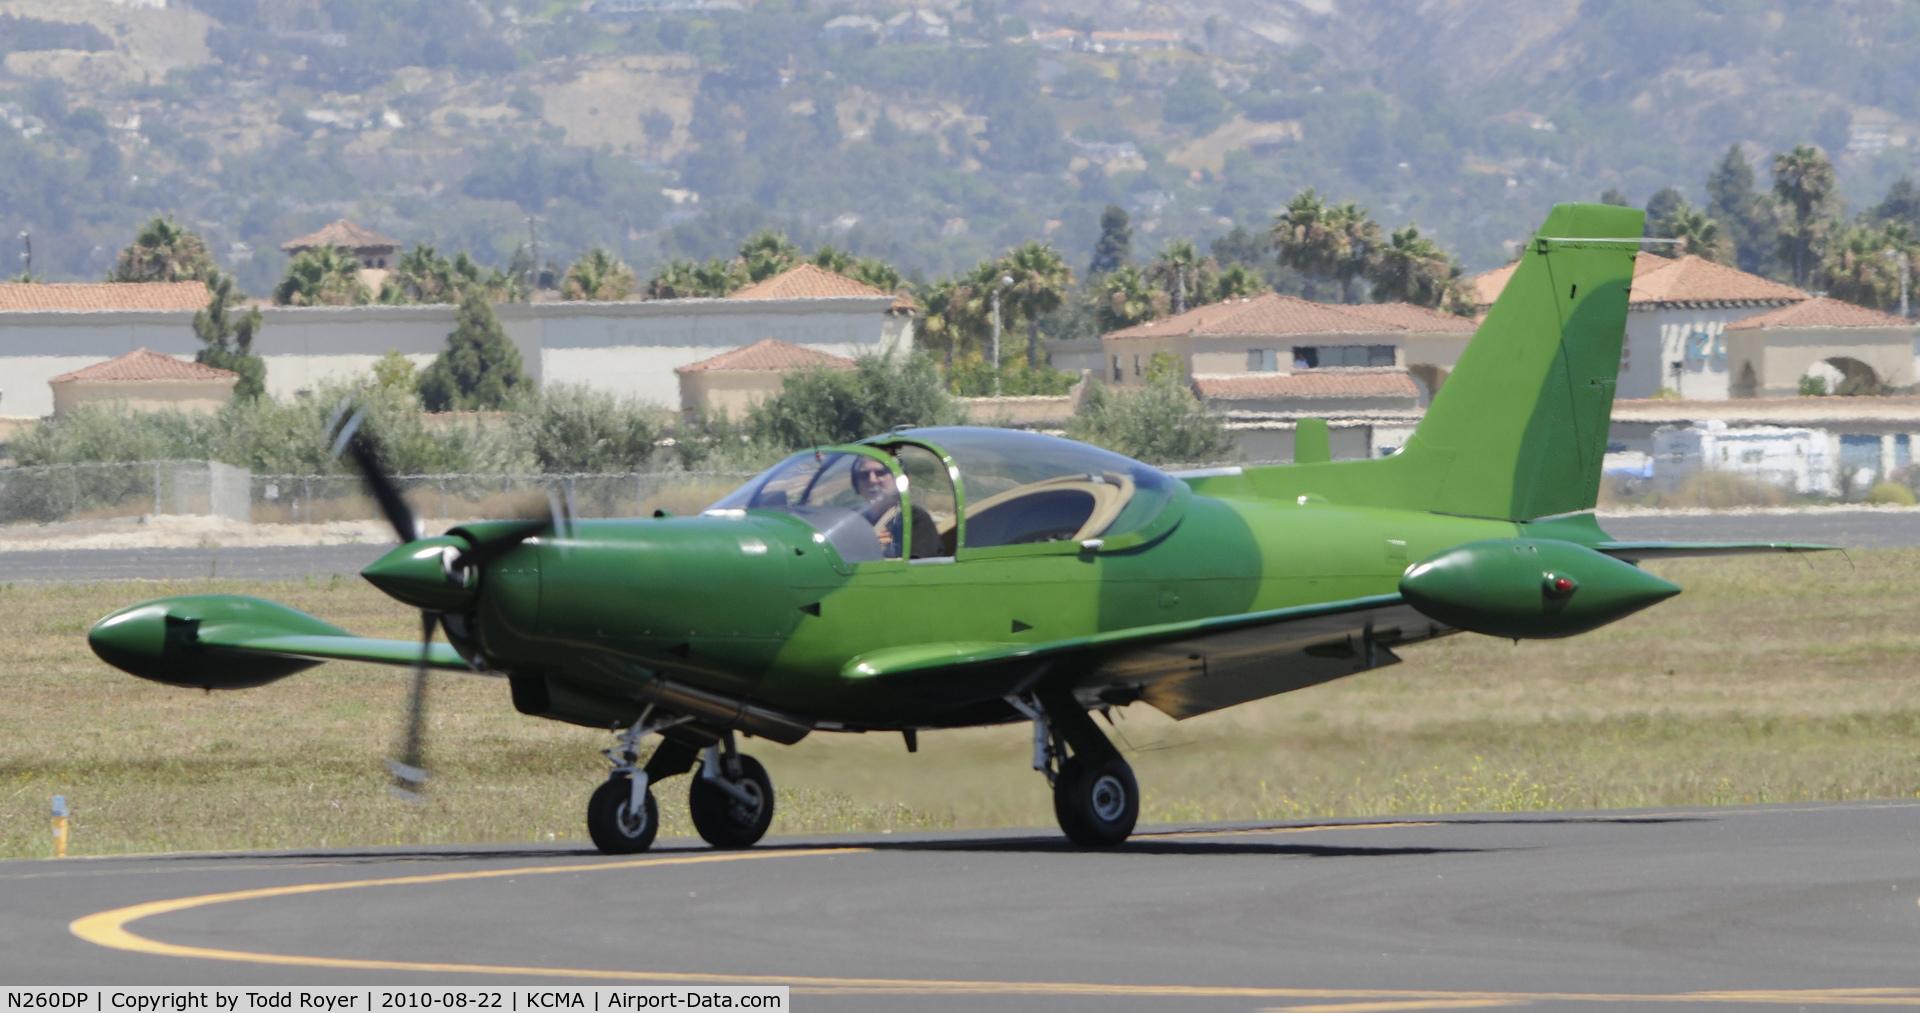 N260DP, 1983 SIAI-Marchetti SF-260TP C/N 009/62-002, 2010 CAMARILLO AIRSHOW